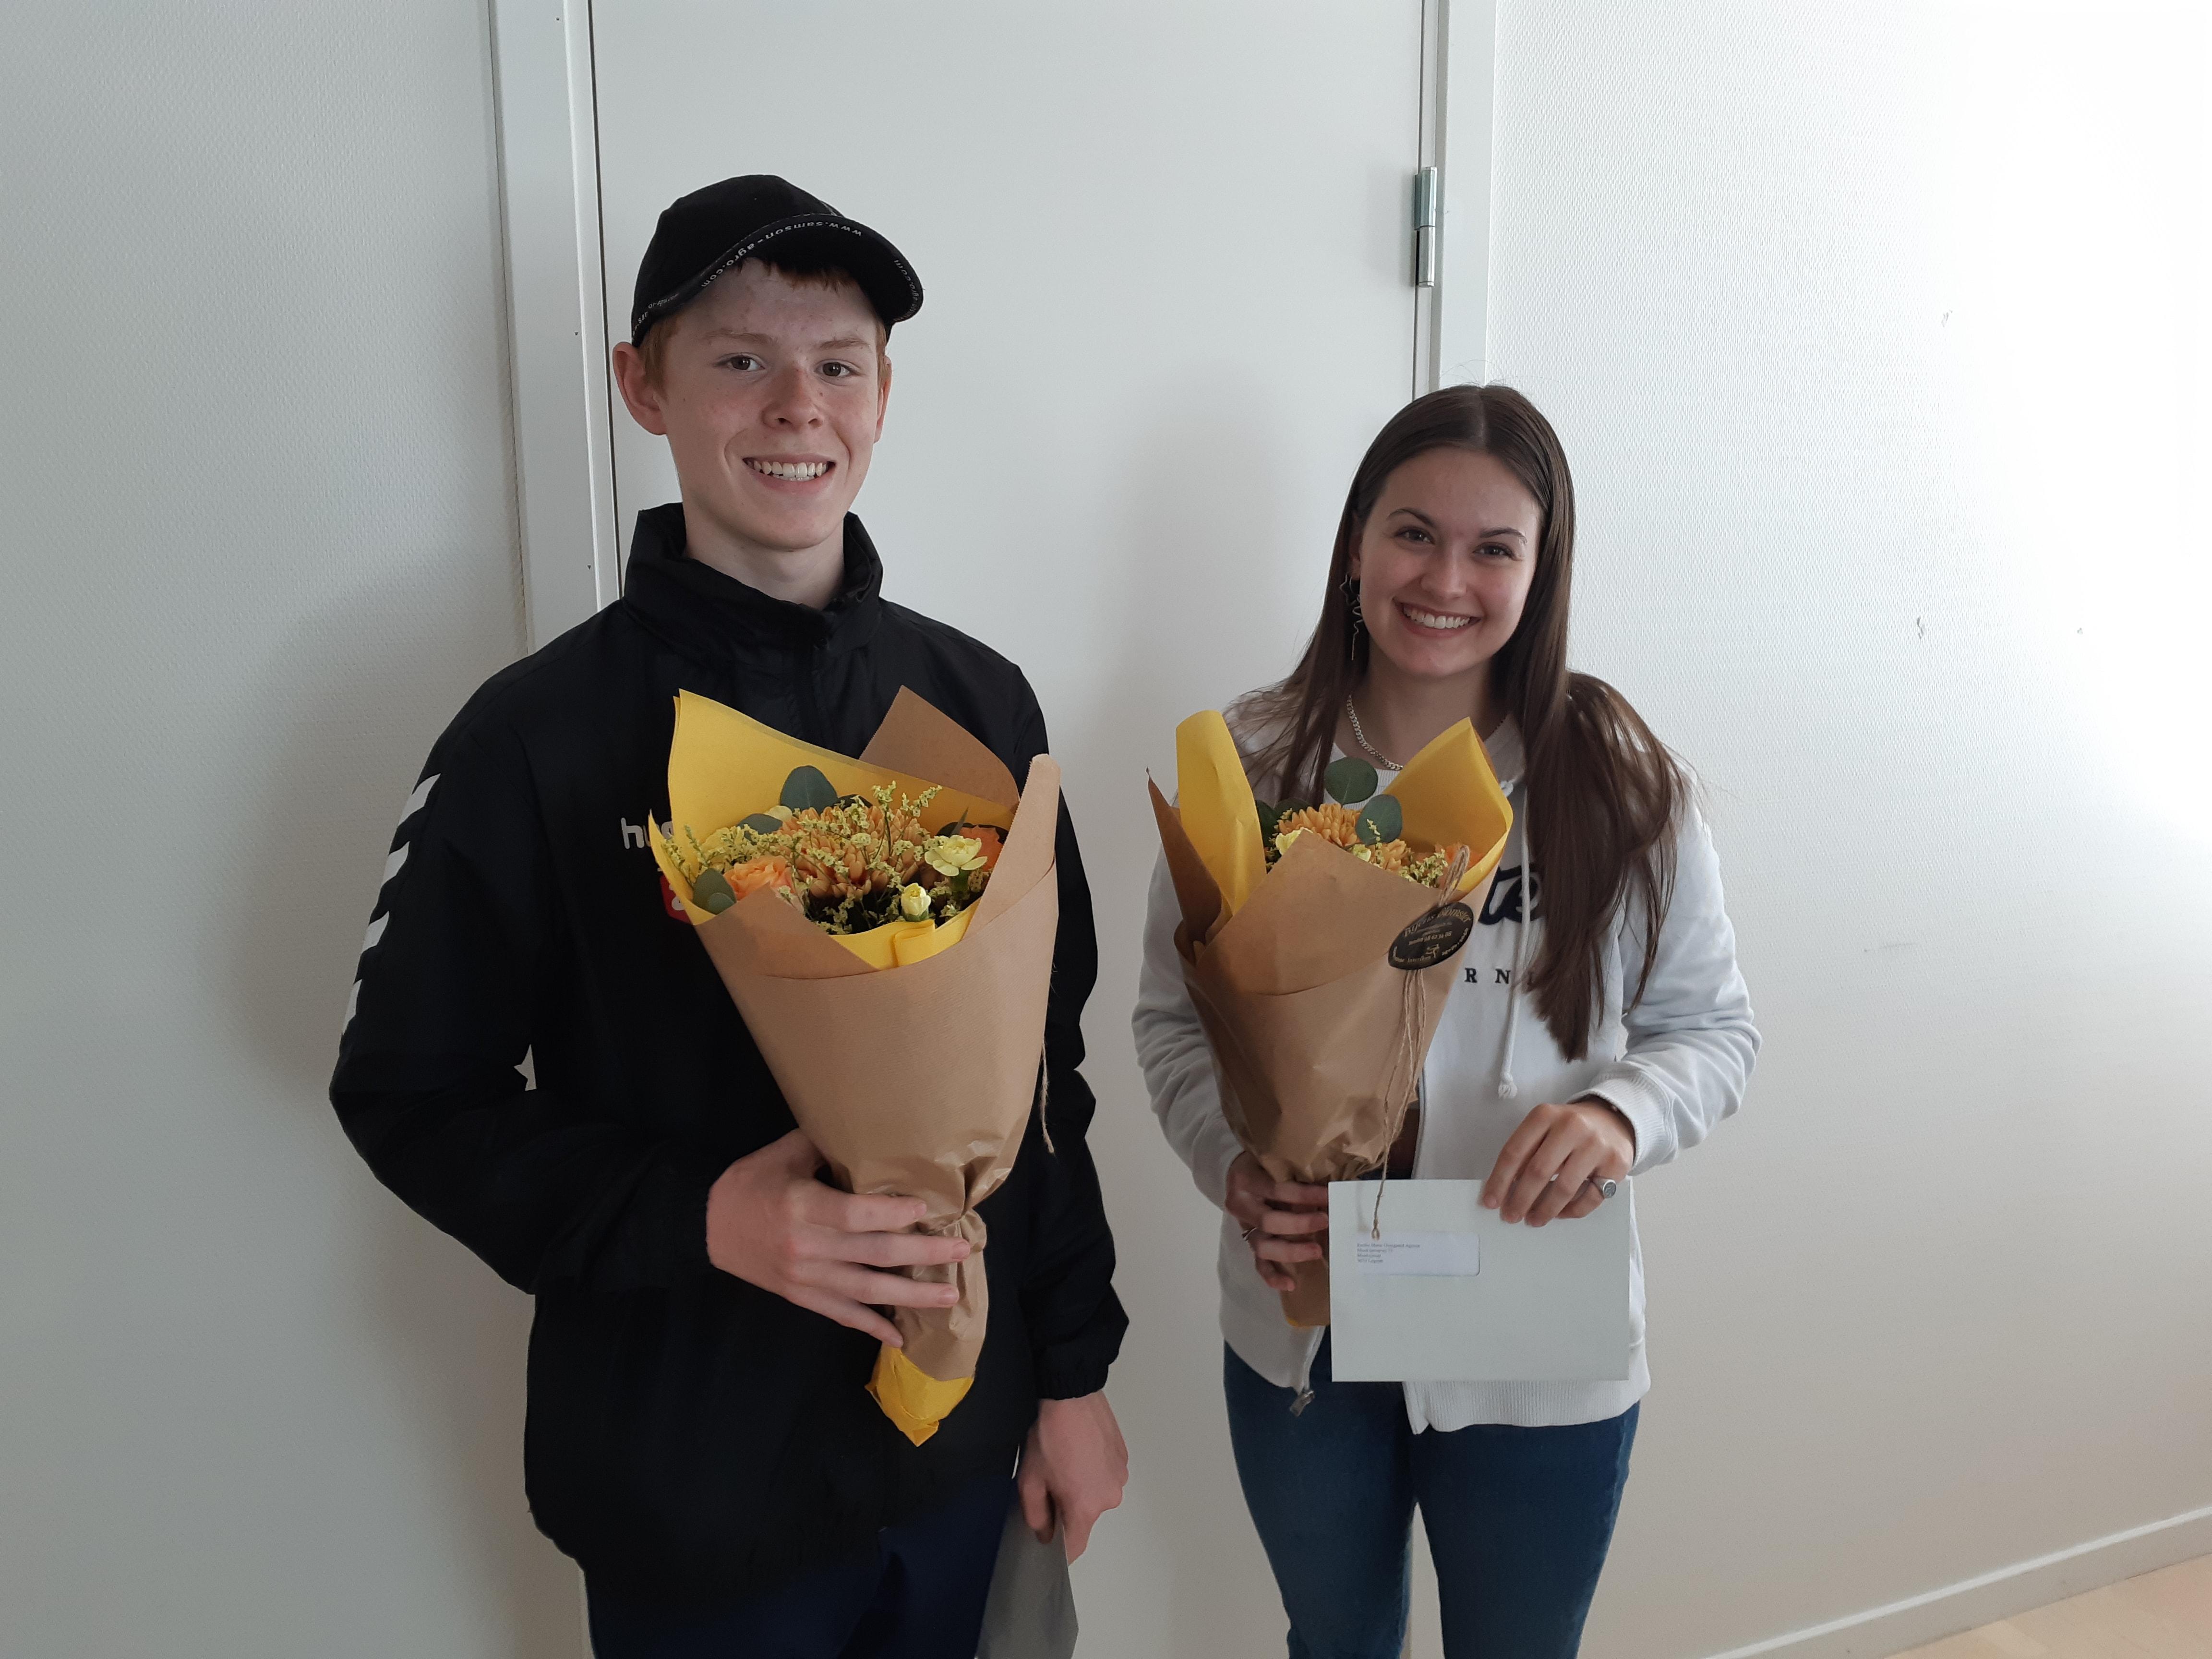 De to vidner Emilie Agesen (17 år) og Mathias Nordborg (16 år) modtog tirsdag den 8. juni begge en dusør på 500 kr. og en buket blomster fra Nordjyllands Politi i Himmerland. Dusøren fik de for deres indsats som meget aktive vidner i en røverisag den 26. februar 2021.